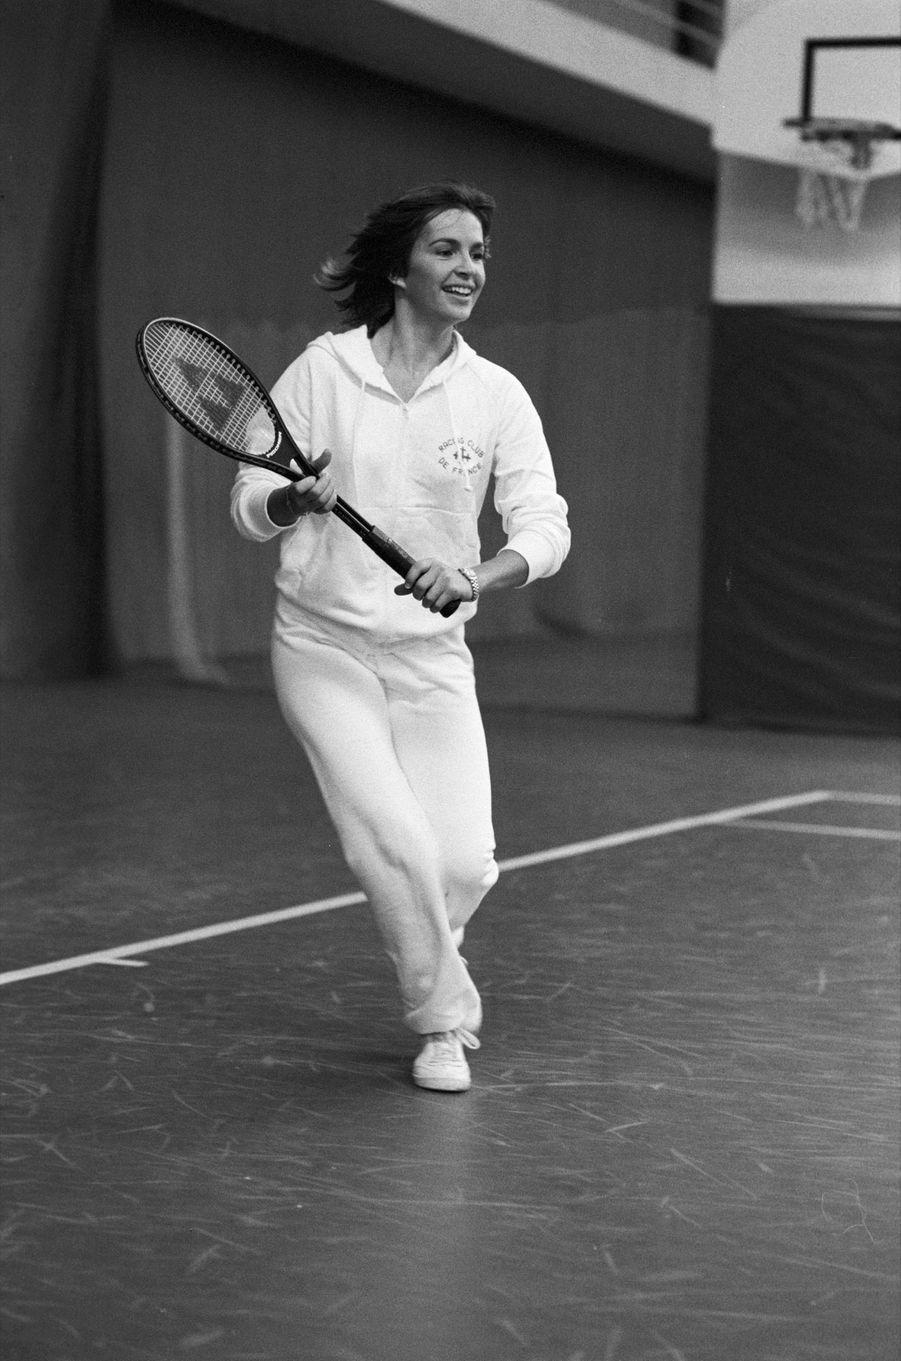 « Hors tournage, Véronique Jannot mène la vie calme des jeunes filles sages. Tennis avec Patrick Proisy pour améliorer sa technique, cours d'arabe pour le plaisir de l'esprit et longues soirées paisibles à la maison. » - Paris Match n°1593, 7 décembre 1979